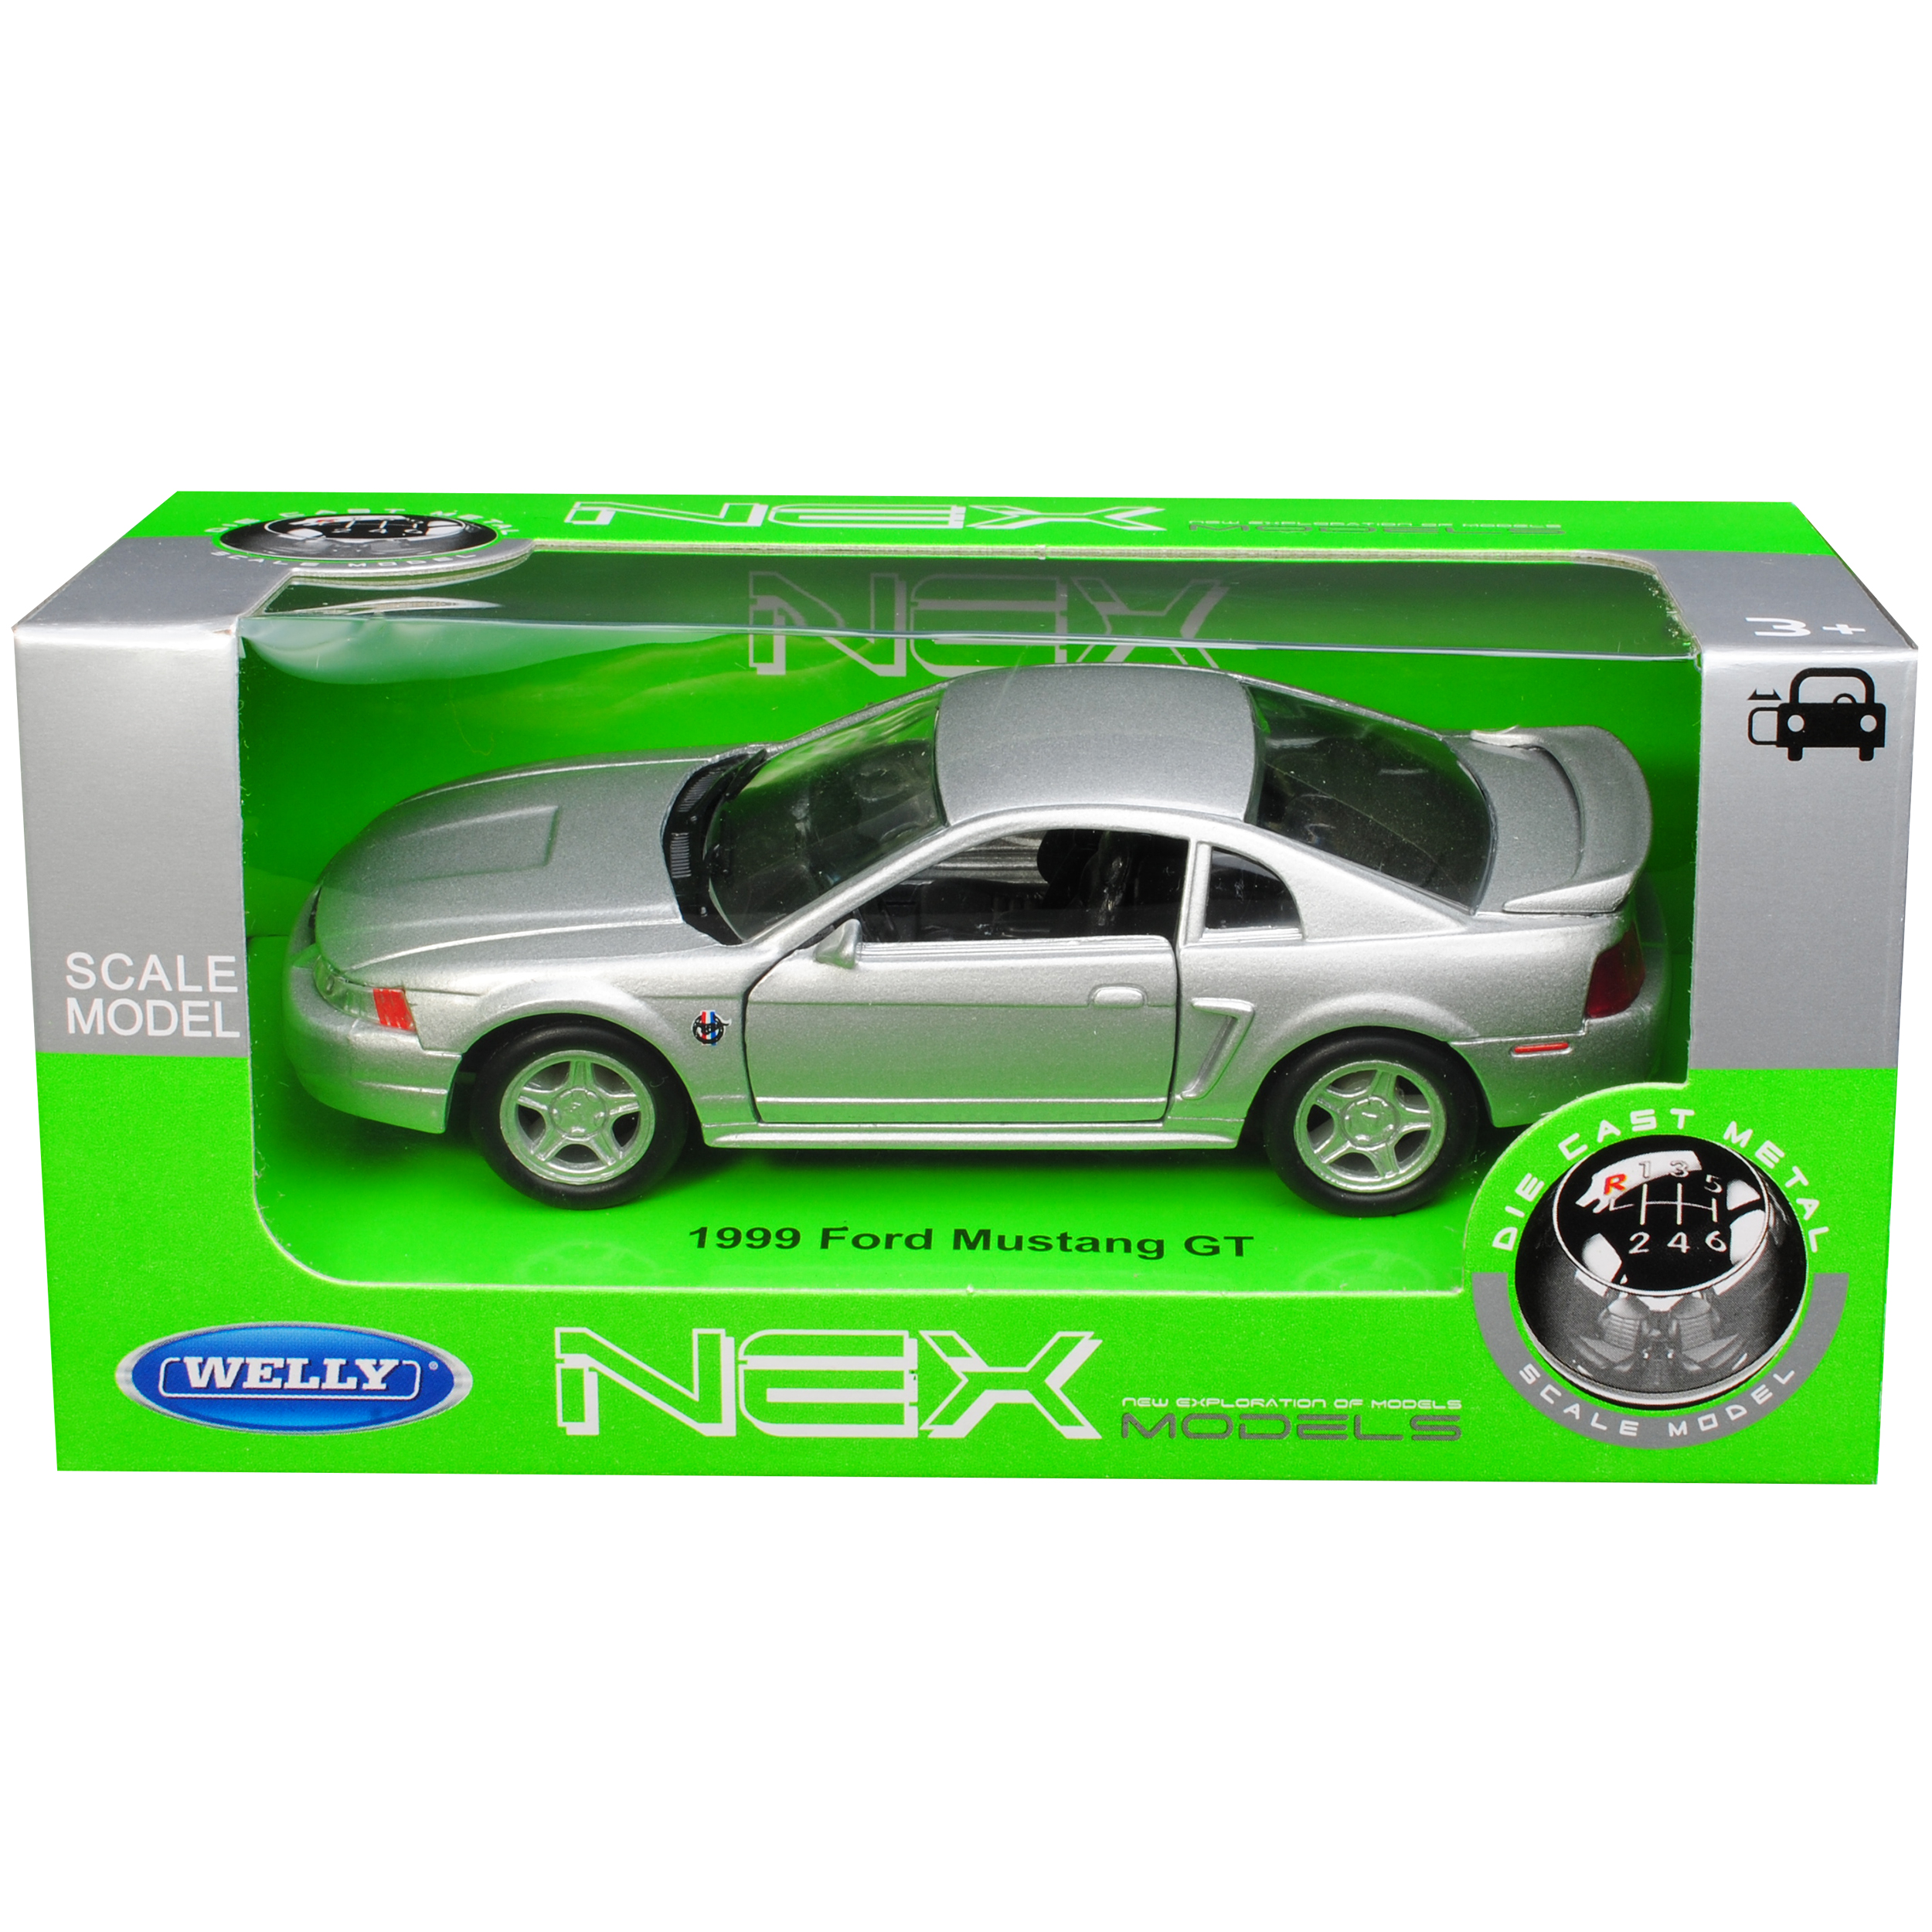 Version-de-plata-1994-2004-Ford-Mustang-IV-GT-coupe-de-cara-ascensor-1999-ca-1-43-1-3 miniatura 10